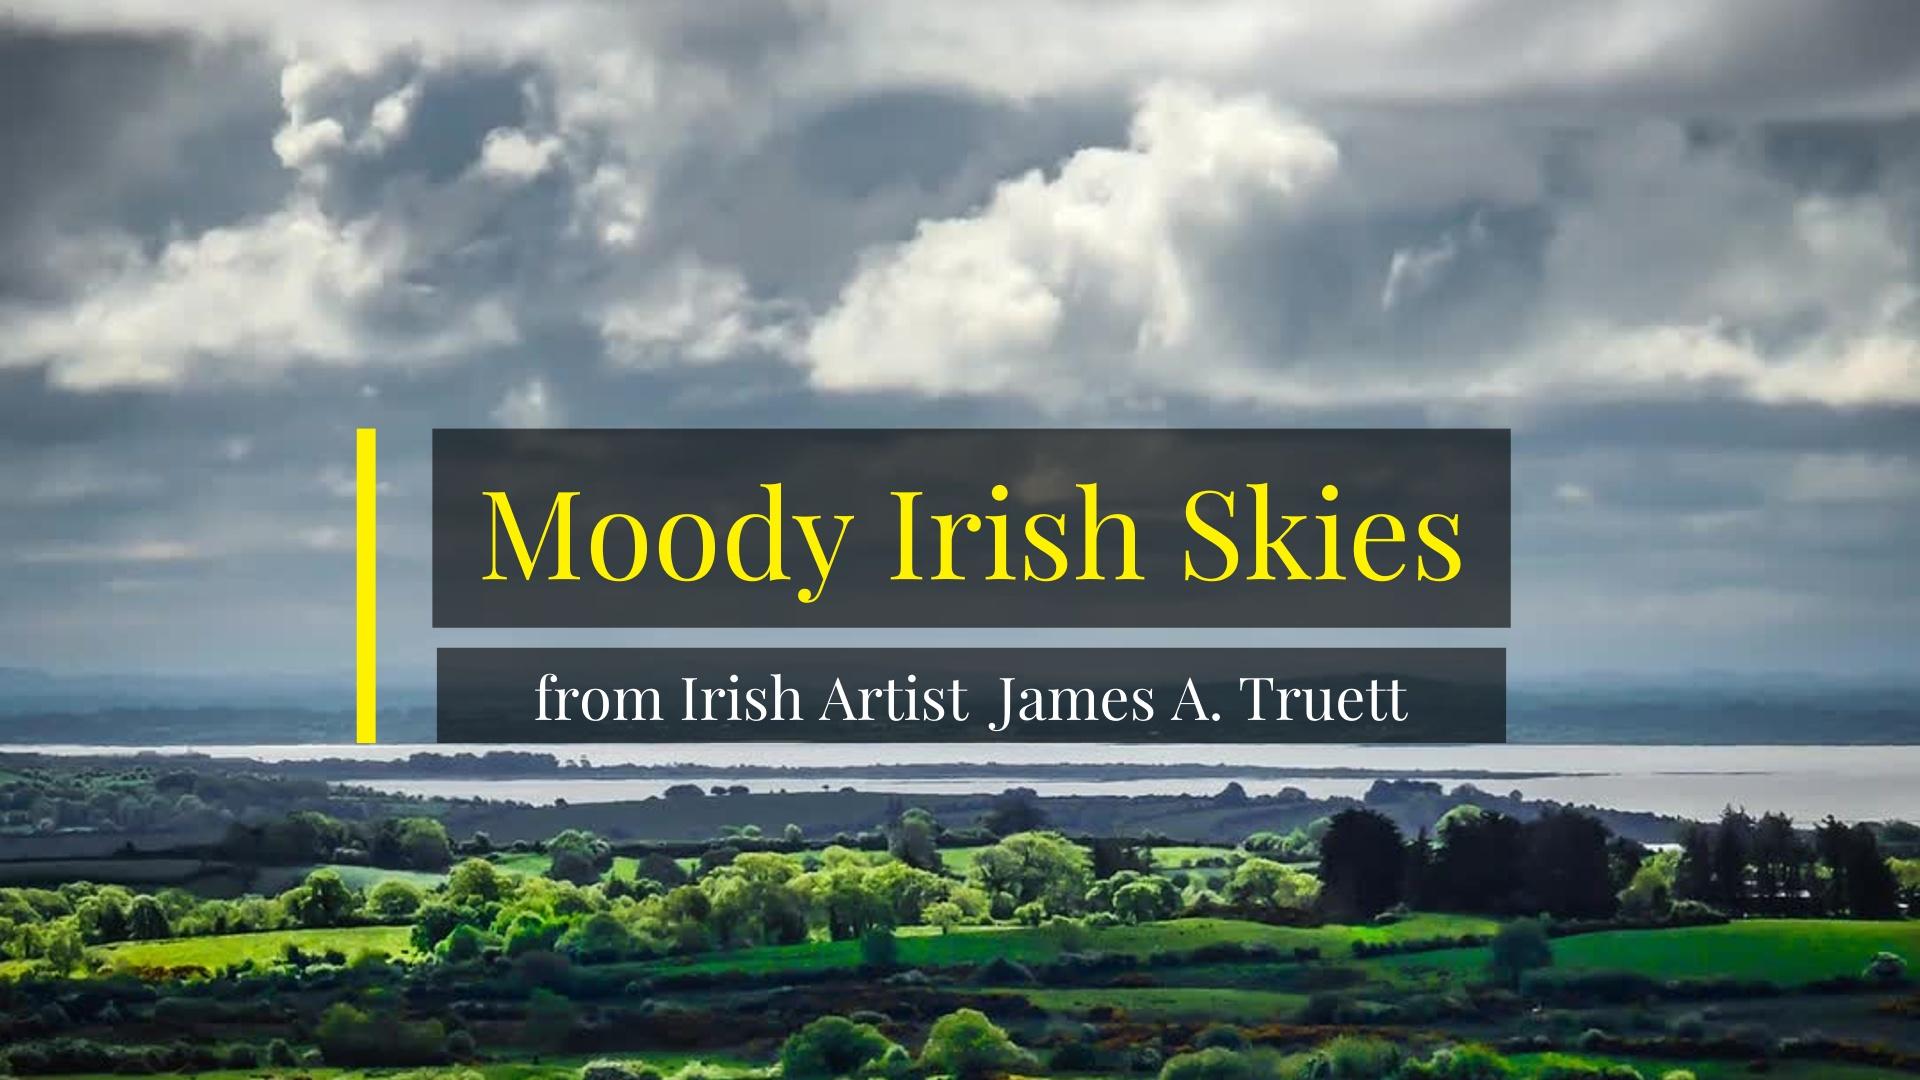 Moody Irish Skies